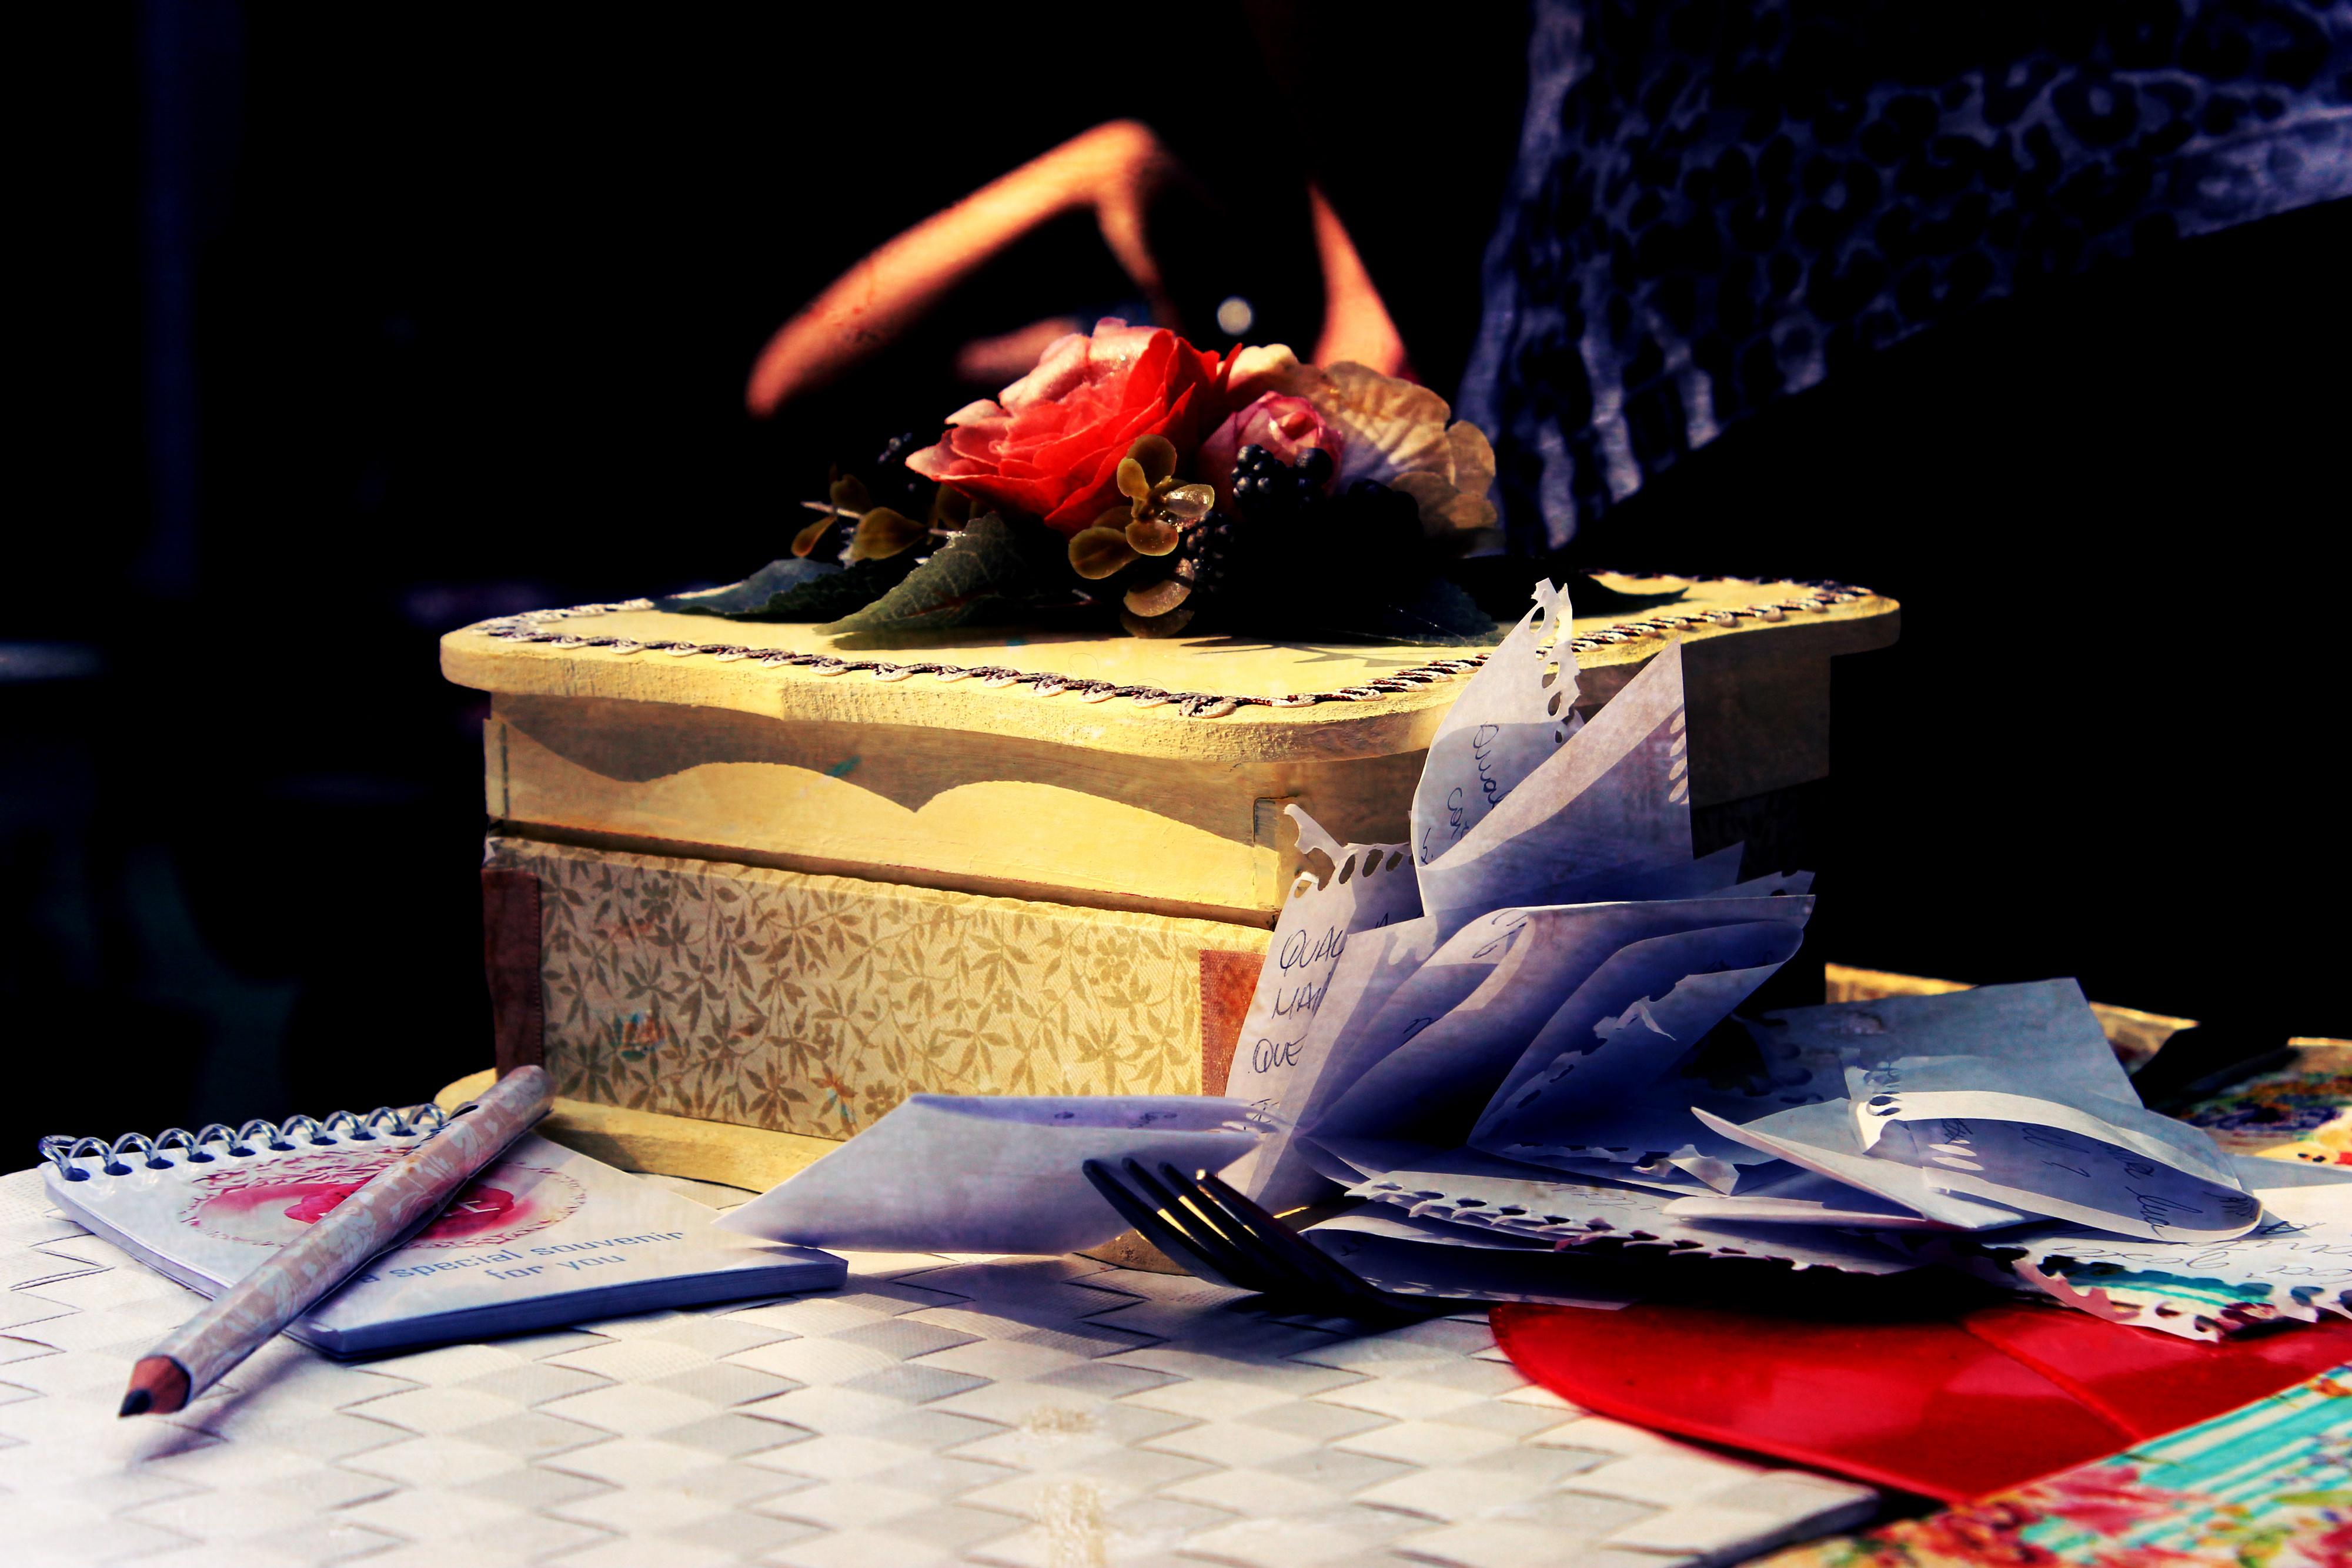 Caixa decorada Noiva que Inventa Moda